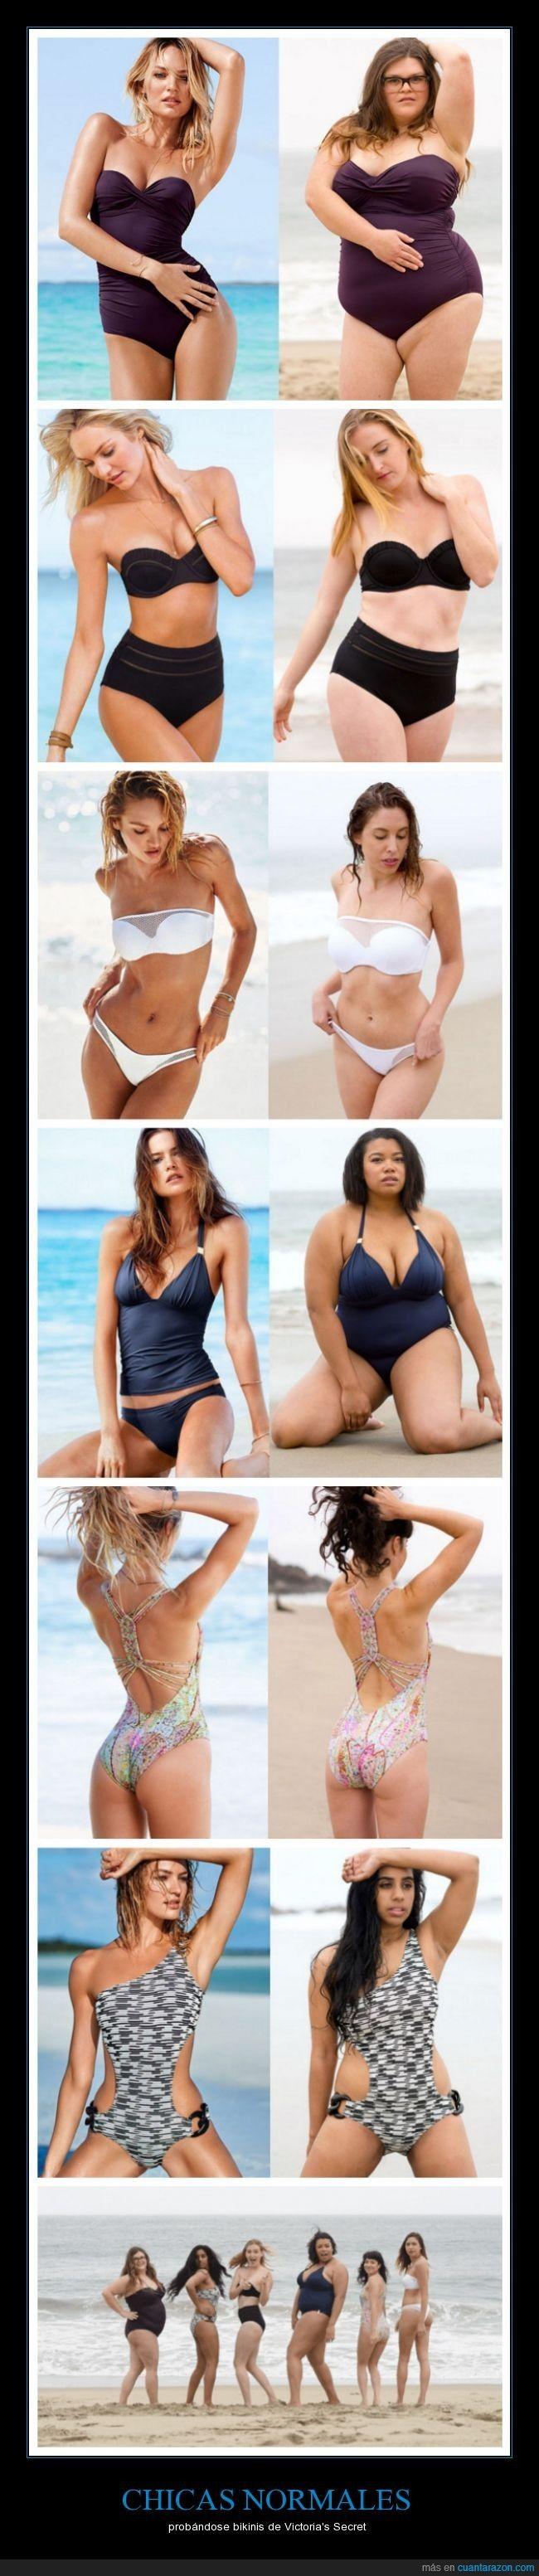 CHICAS NORMALES - probándose bikinis de Victoria's Secret   Gracias a http://www.cuantarazon.com/   Si quieres leer la noticia completa visita: http://www.estoy-aburrido.com/chicas-normales-probandose-bikinis-de-victorias-secret/